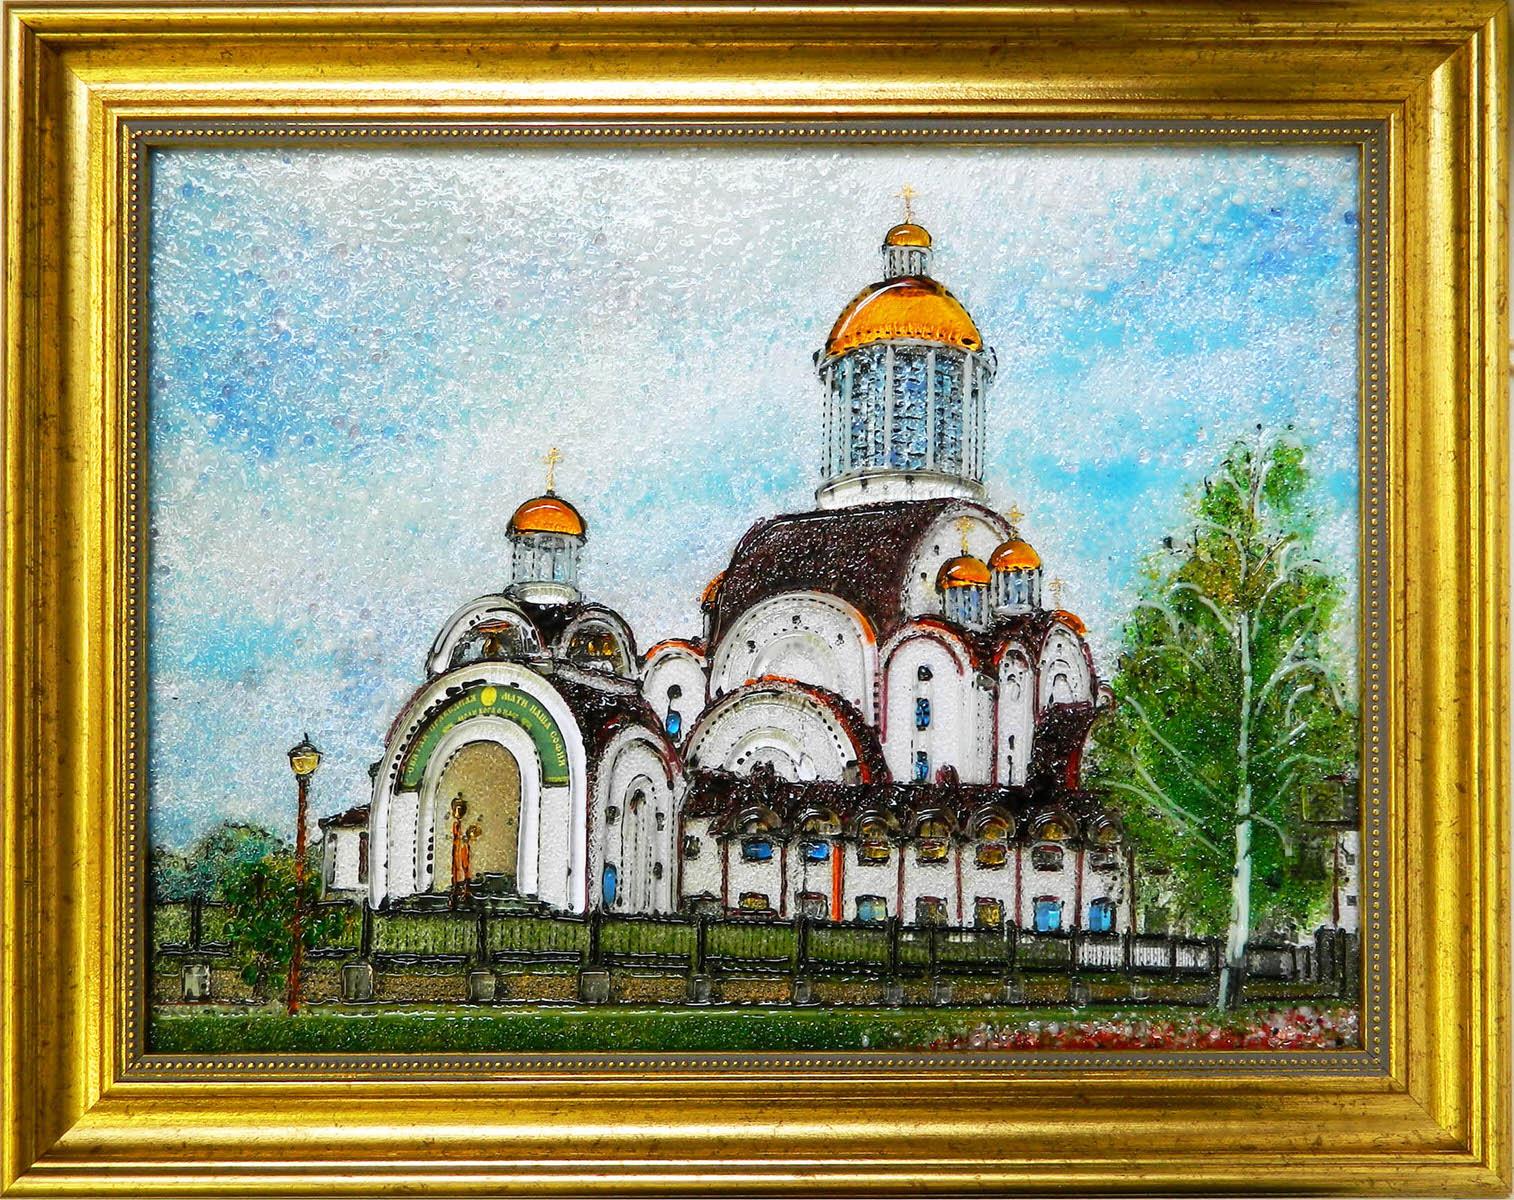 Кафедральный собор Рождества Христова в Солигорске